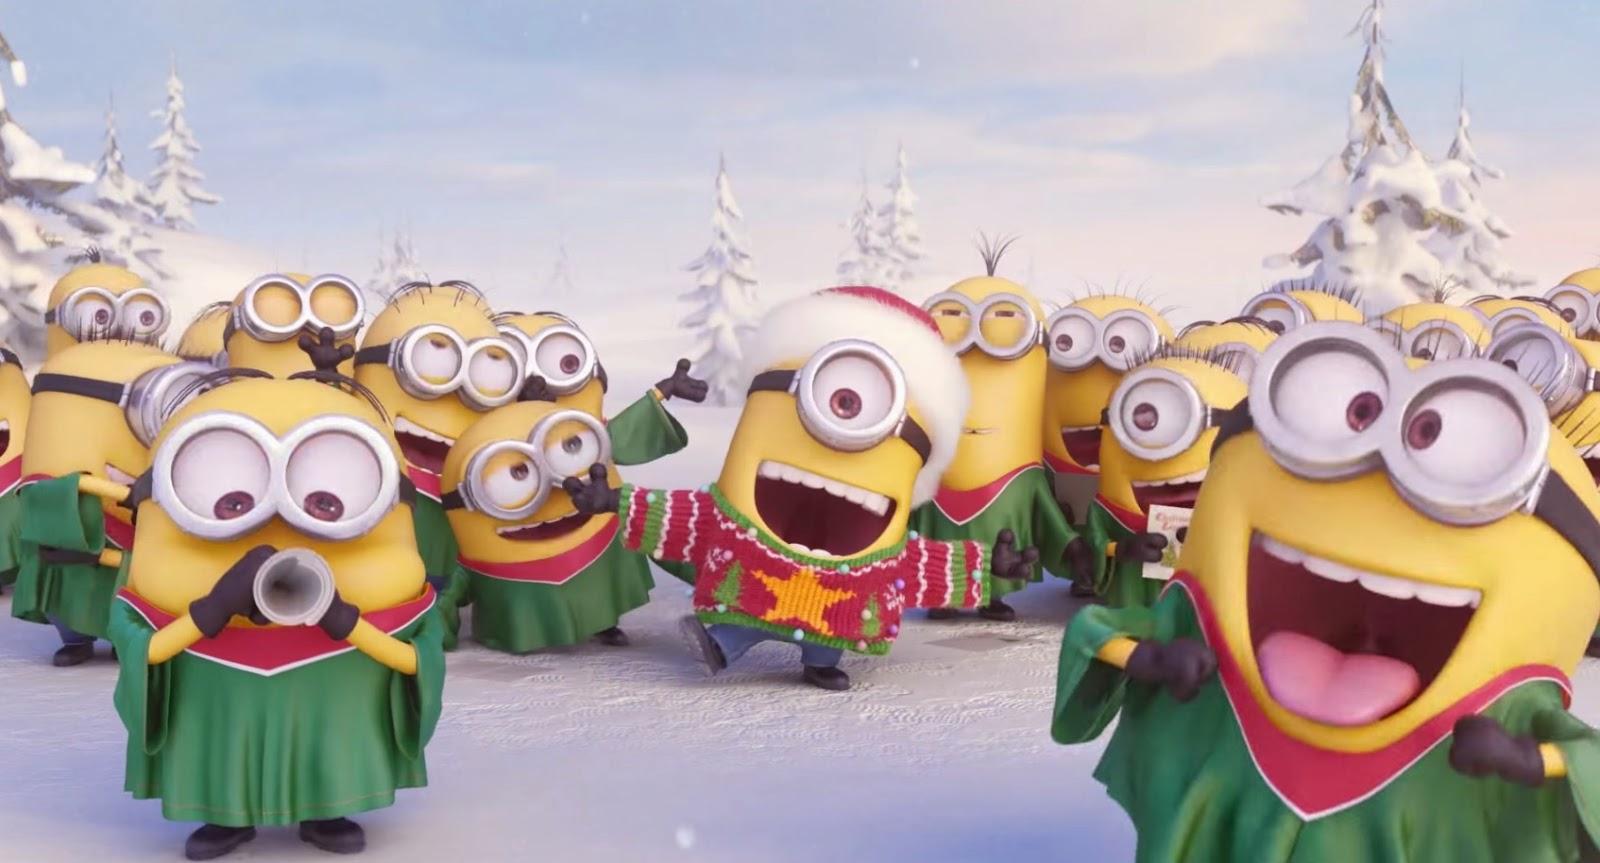 ってことでミニオンたちからも「メリークリスマス ...